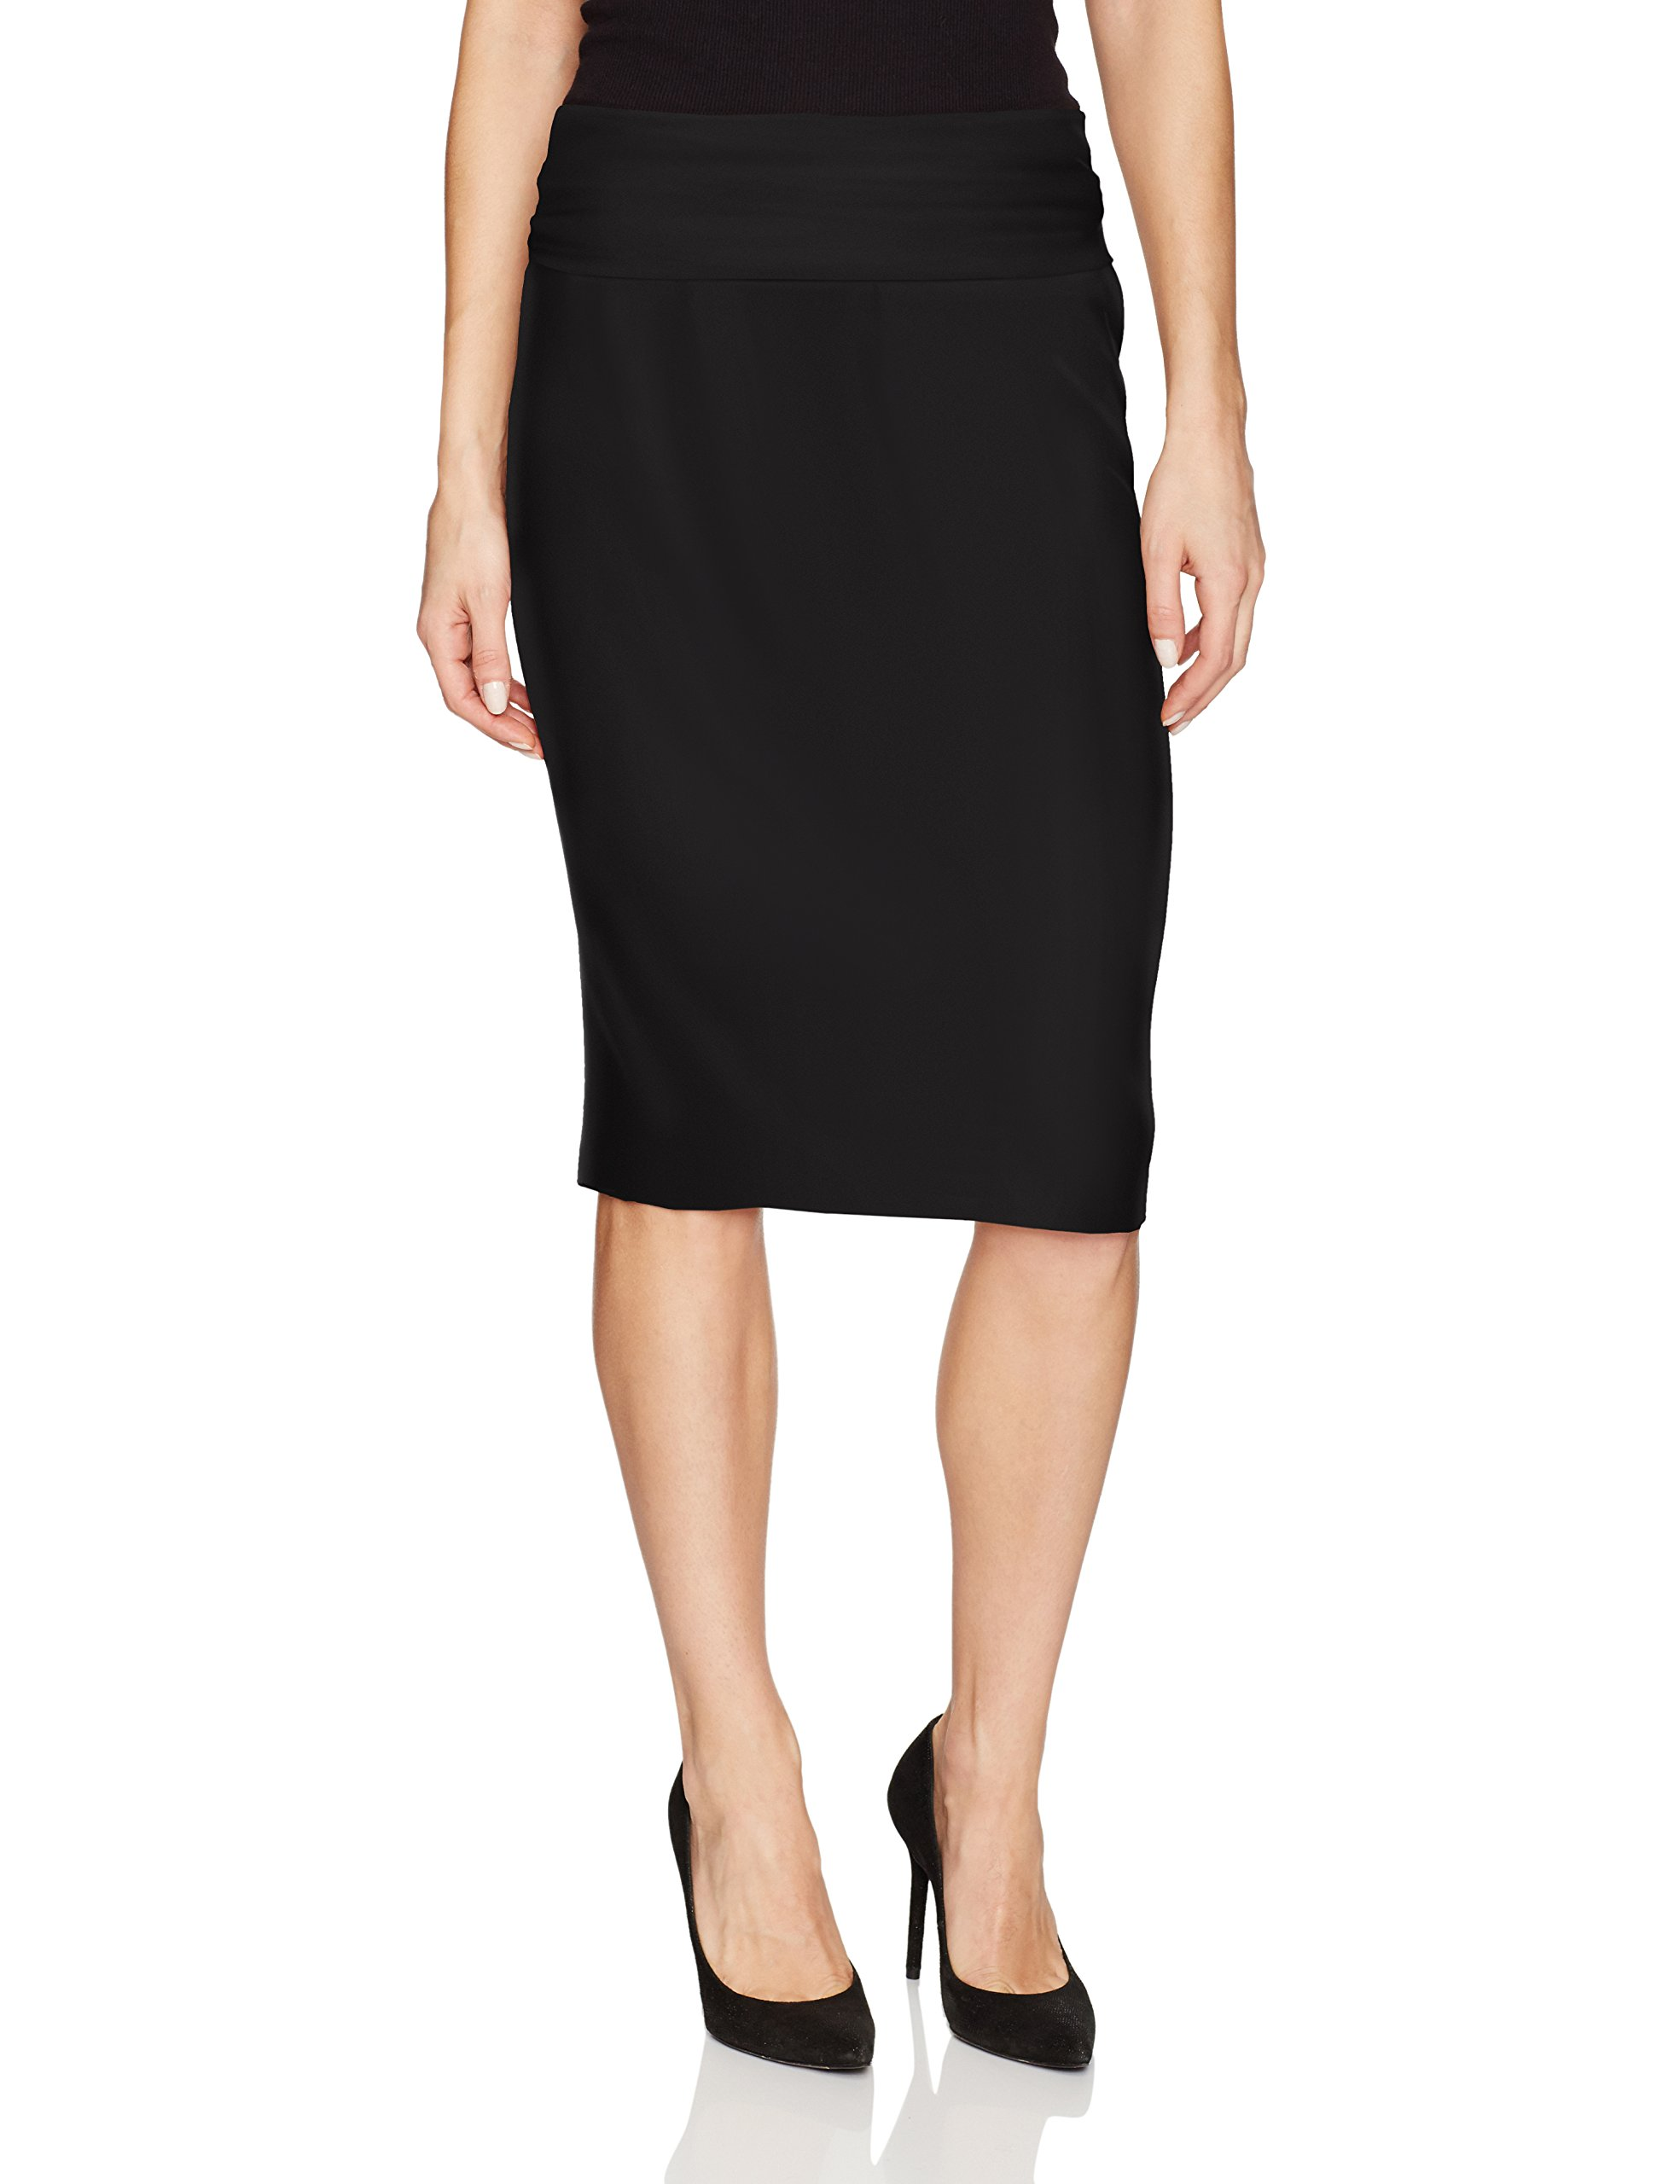 Norma Kamali Women's Straight Skirt, Black, M